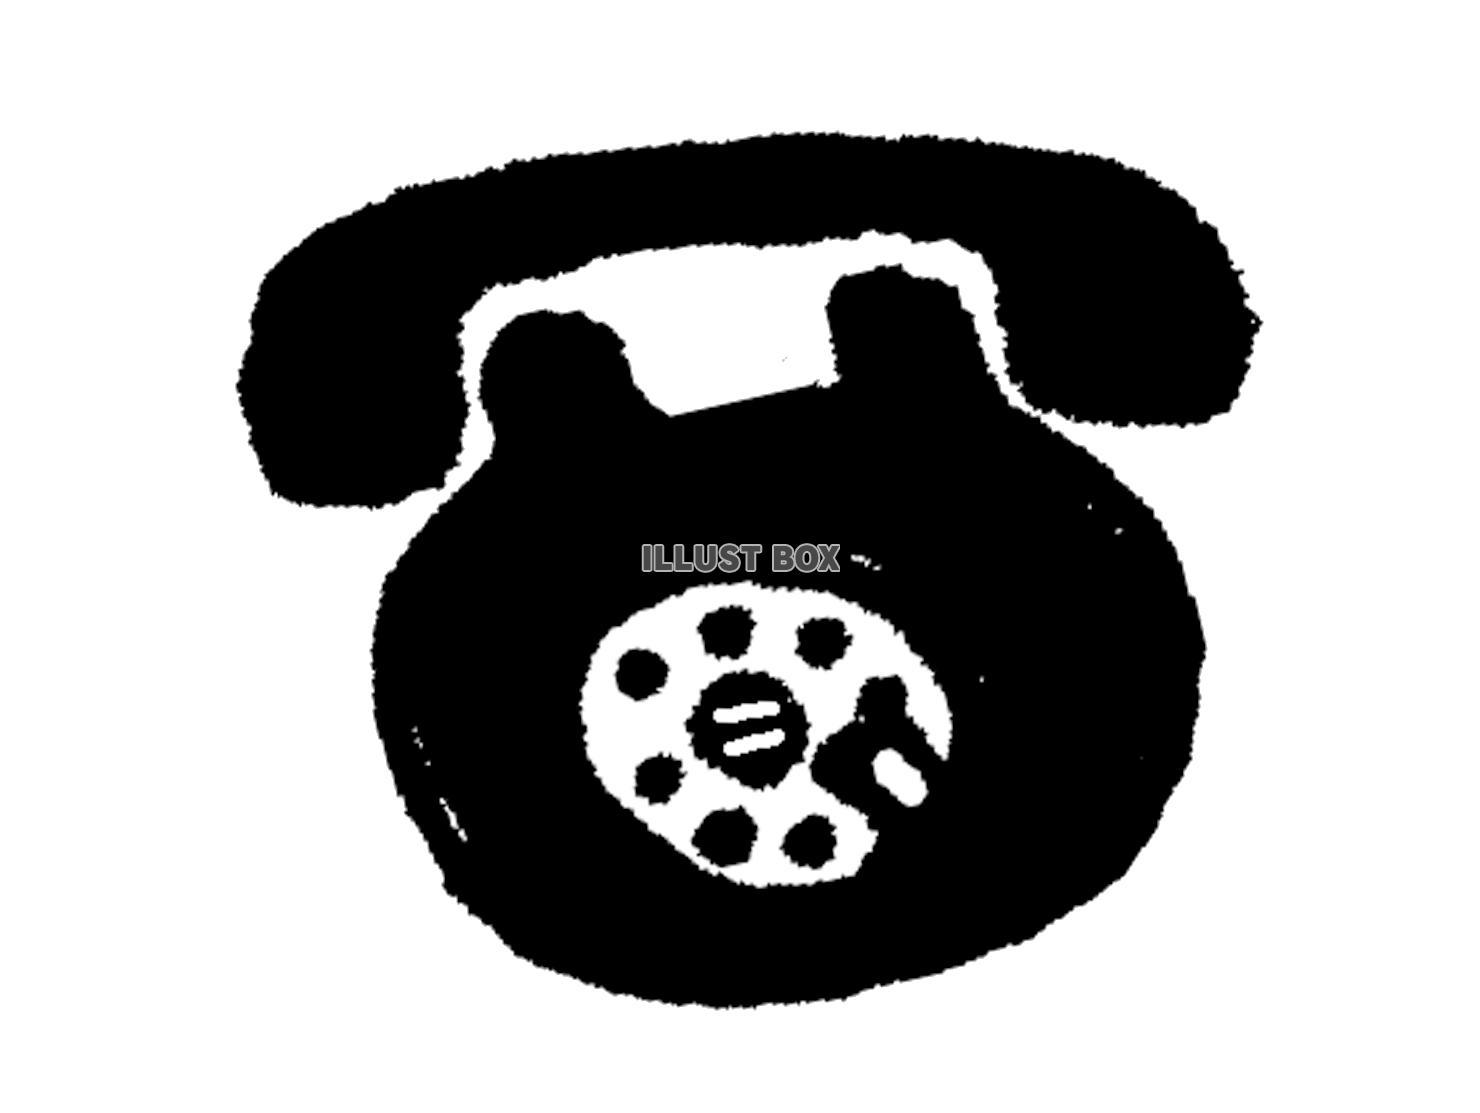 無料イラスト 【透過png】黒電話【モノクロ】